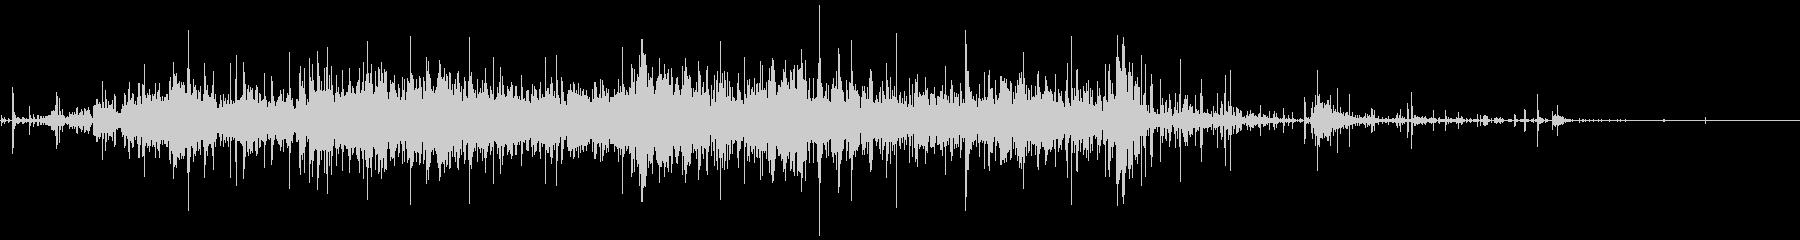 ジャンクパイルのウッドロックソルトの未再生の波形